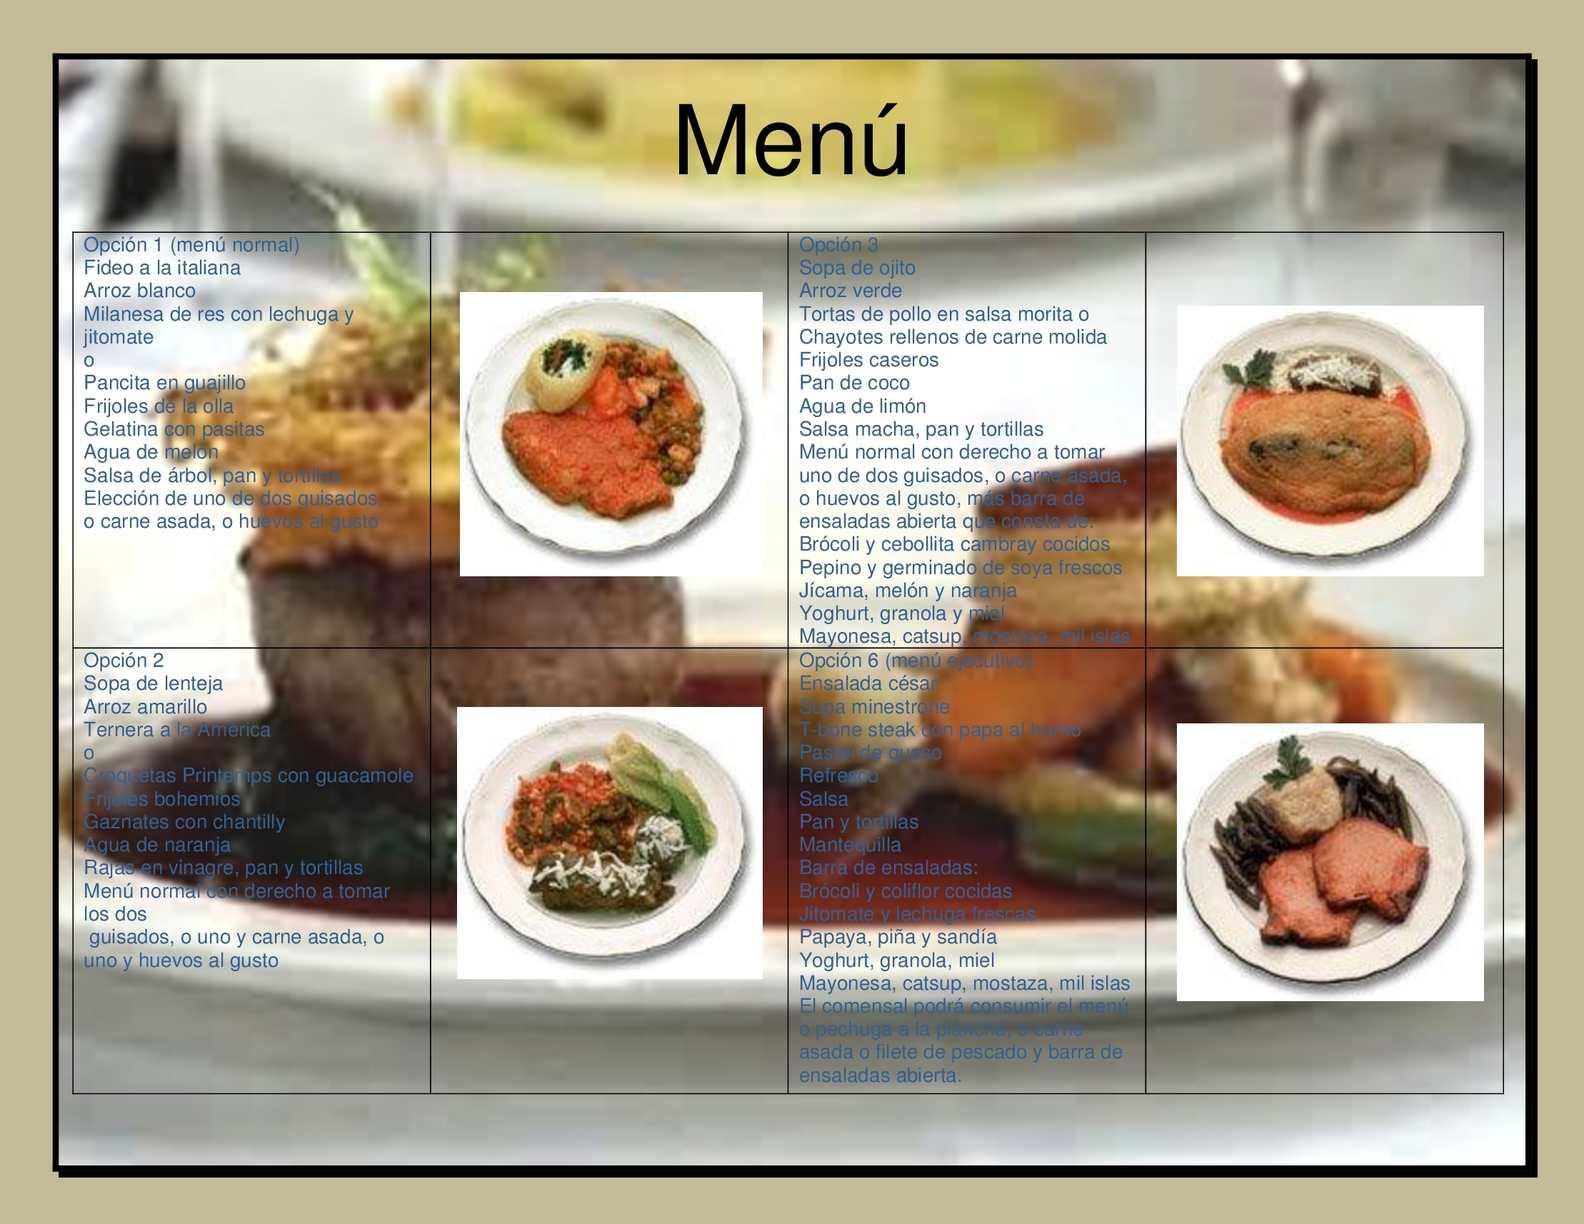 menu informatica mt 1.2 jslp